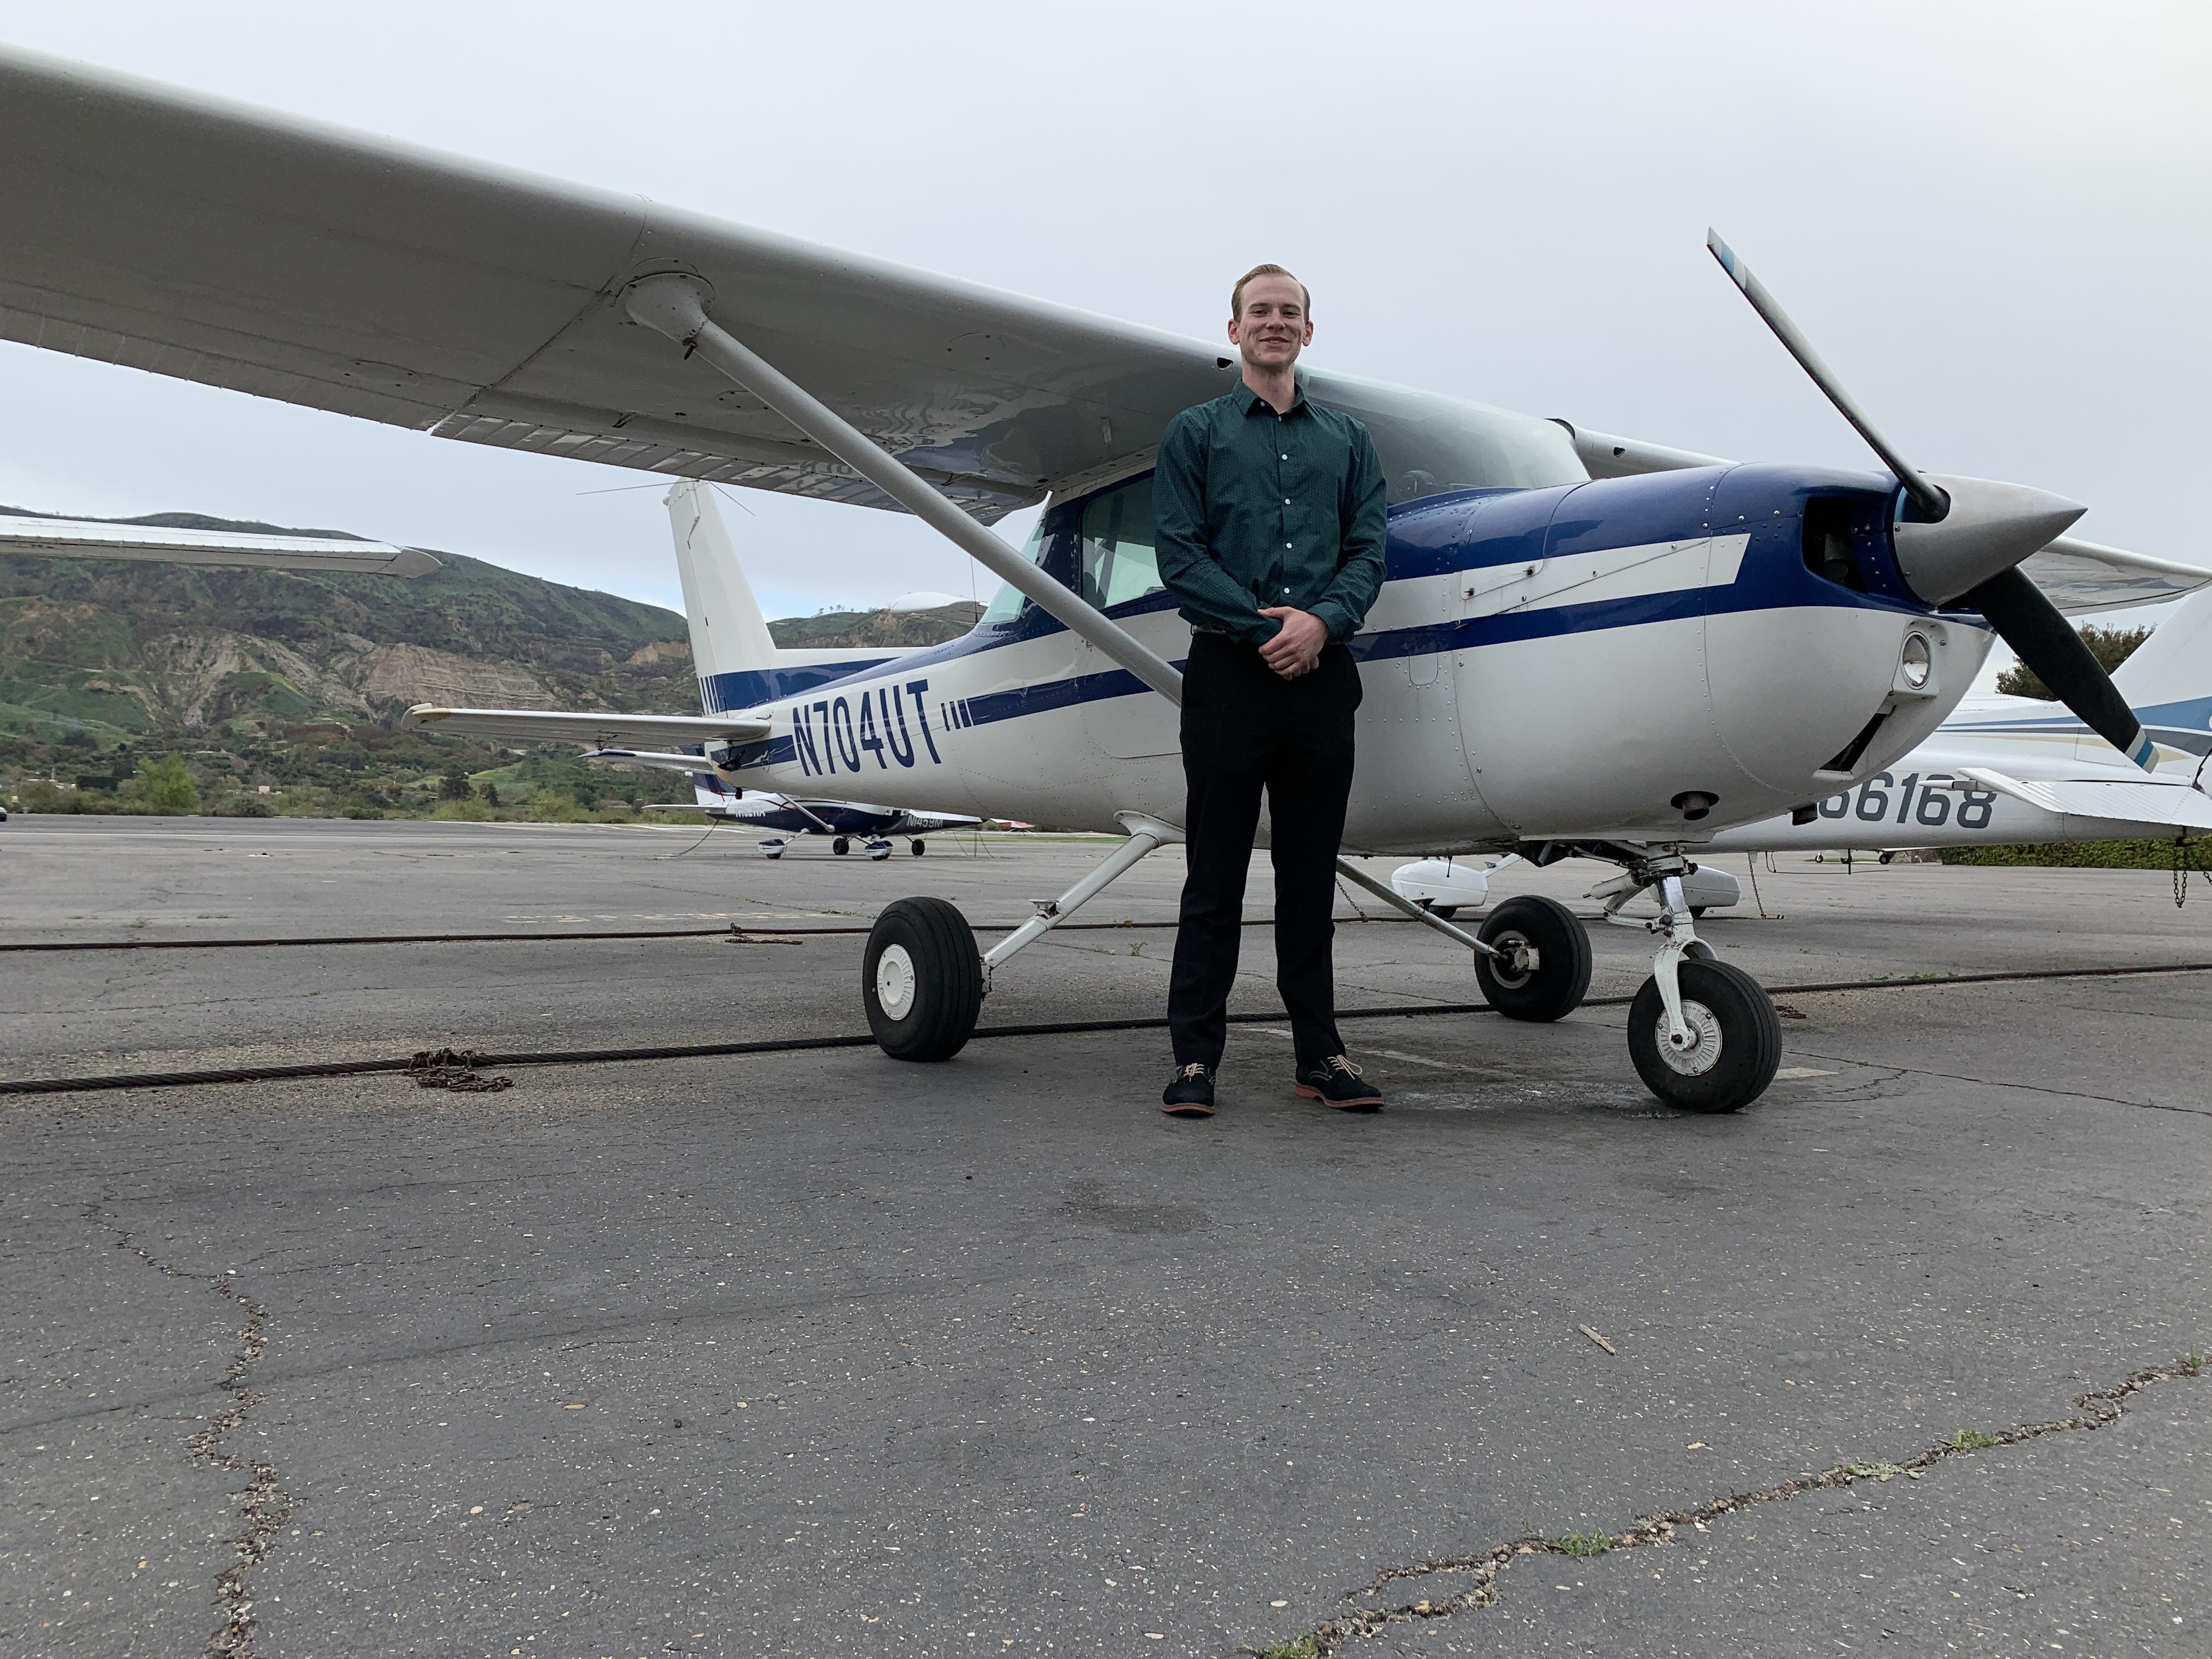 Certified Flight Instructor - Gavin Shearer